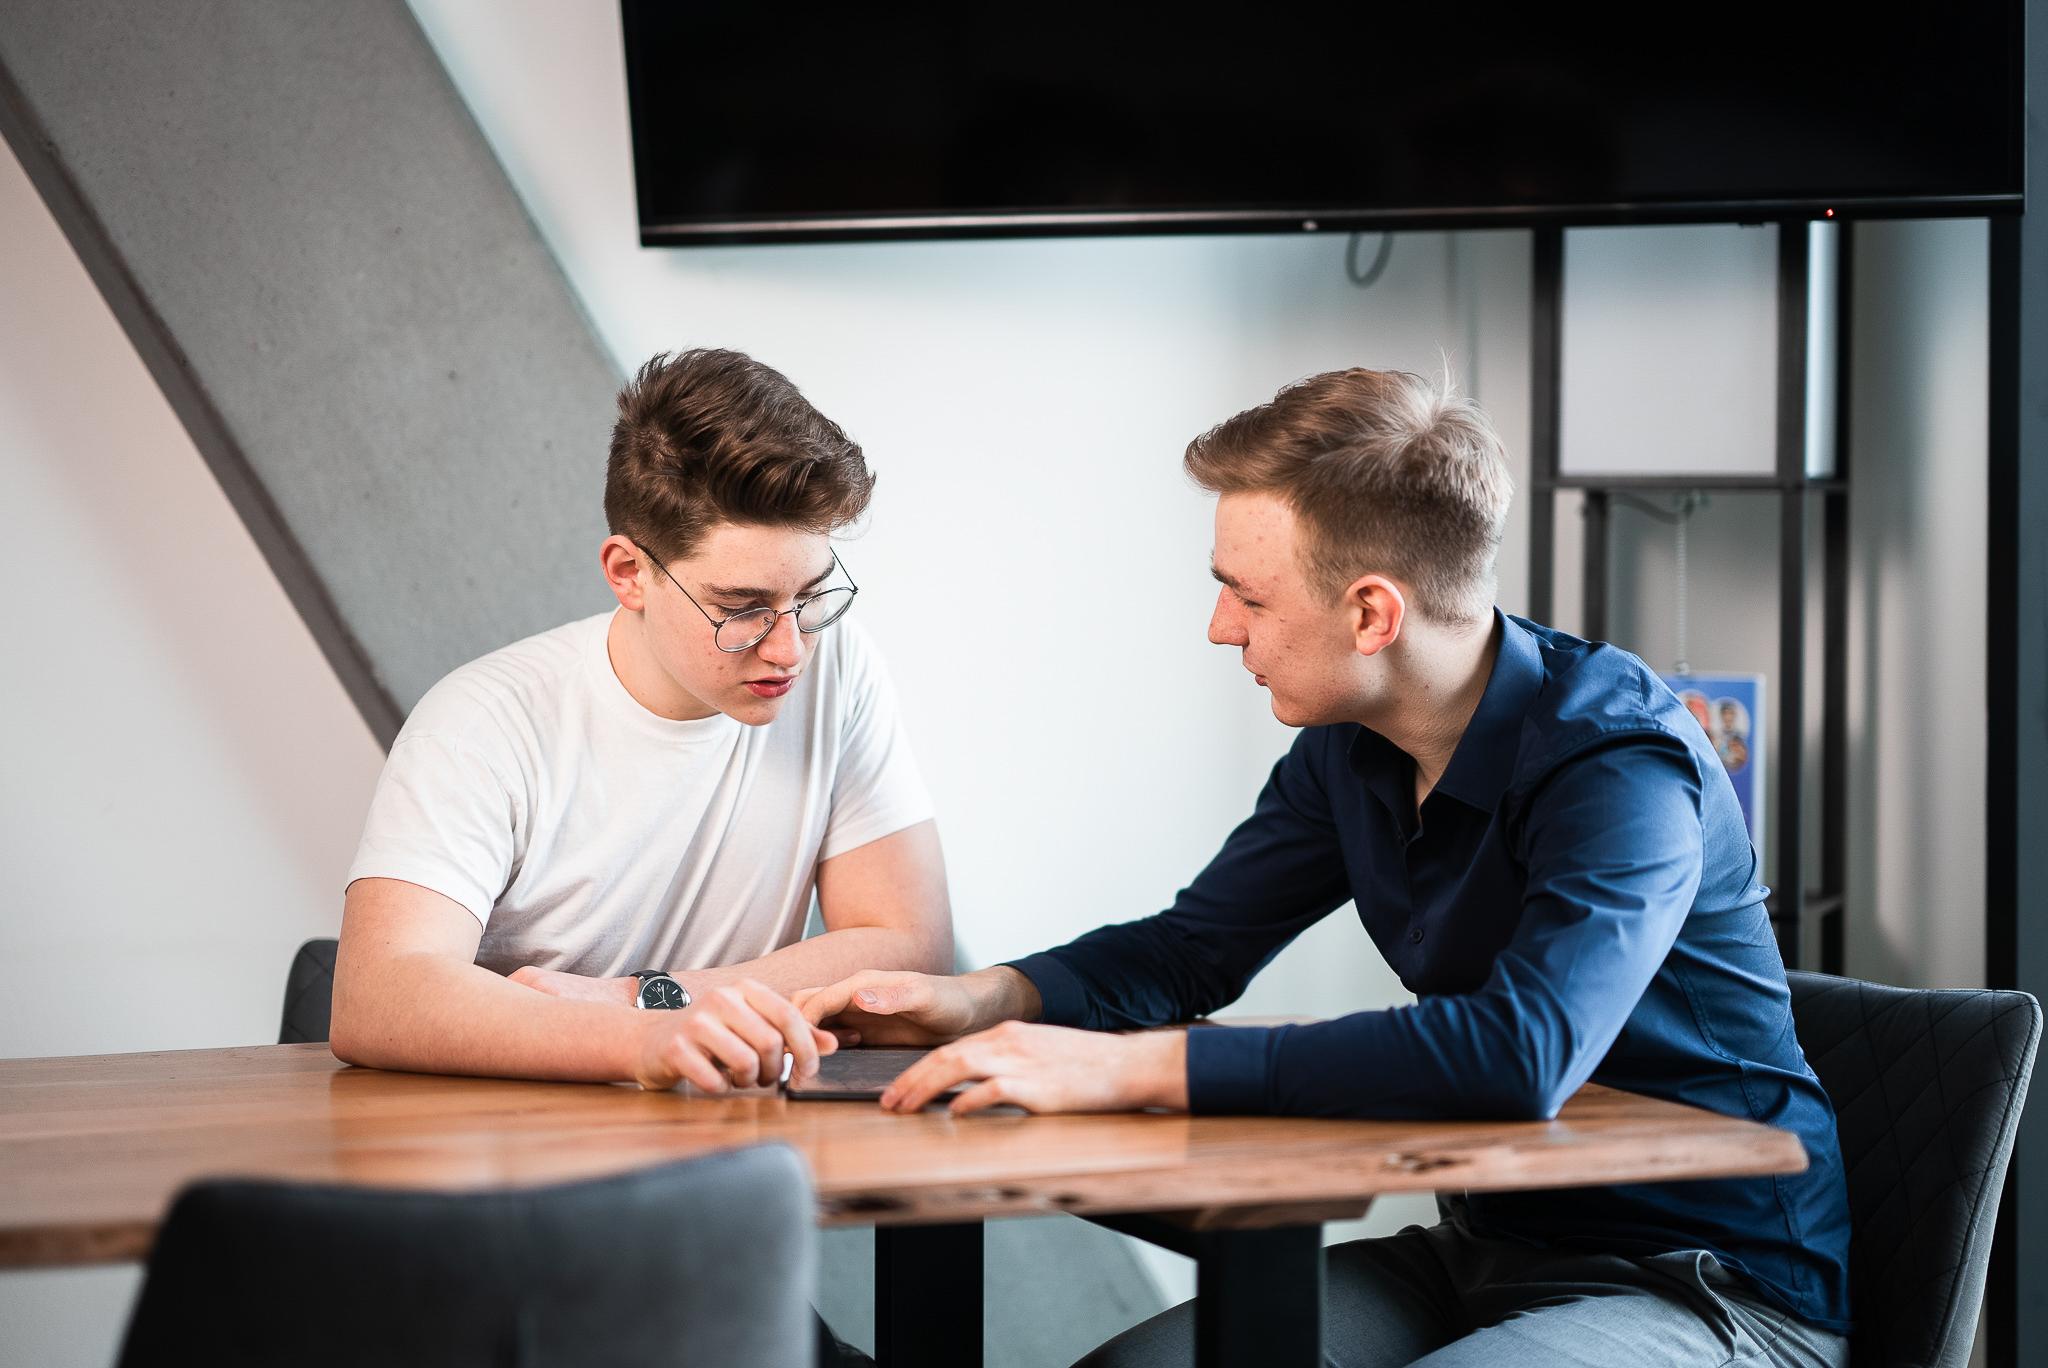 Zwei Junge Männer besprechen etwas mit den Händen auf einem Holztisch